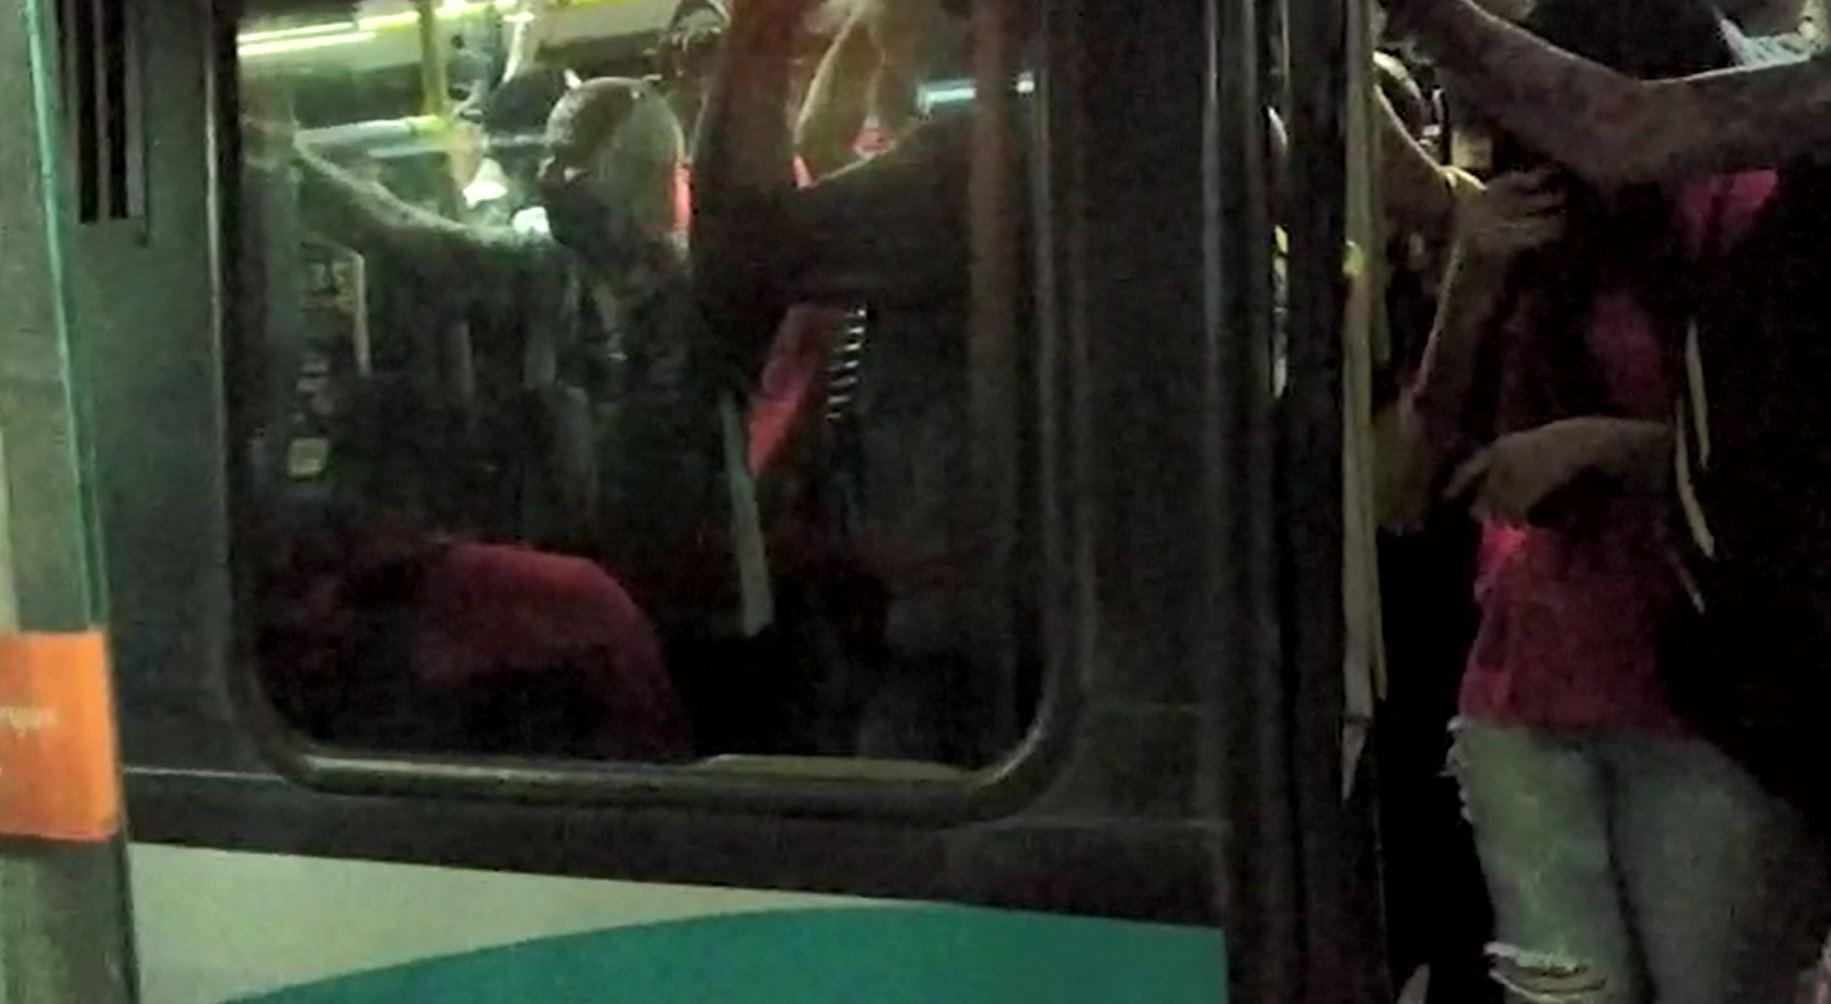 Linhas de ônibus da Grande BH transportam mais passageiros agora do que antes da pandemia